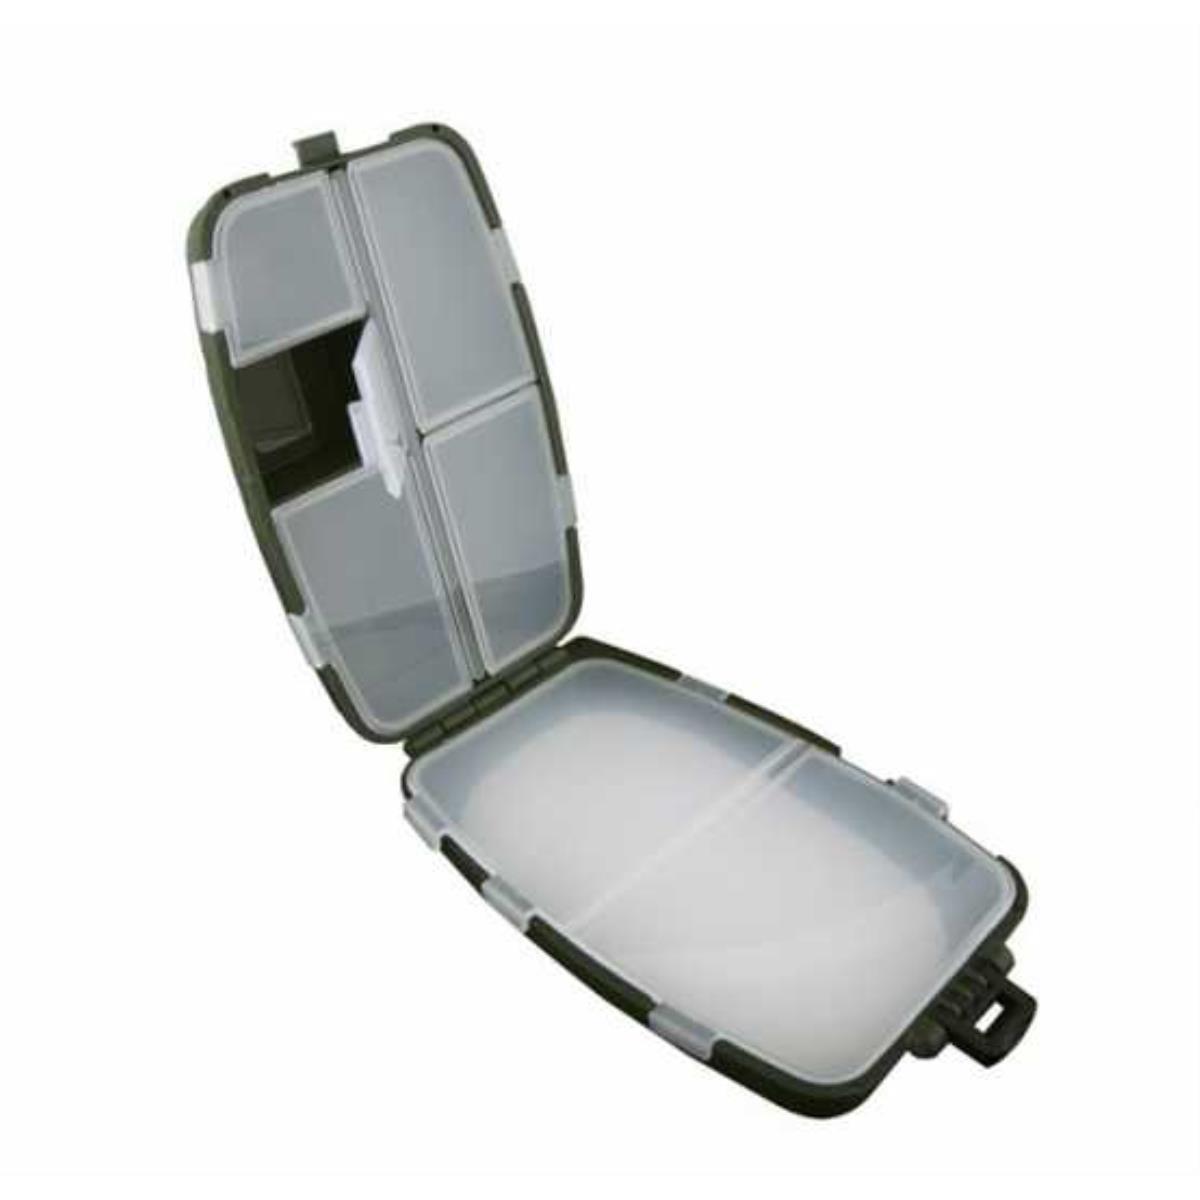 Caja para aparejos count-5 con isolone (7 compartimentos) (145*87*46mm) Tres China (8960244)